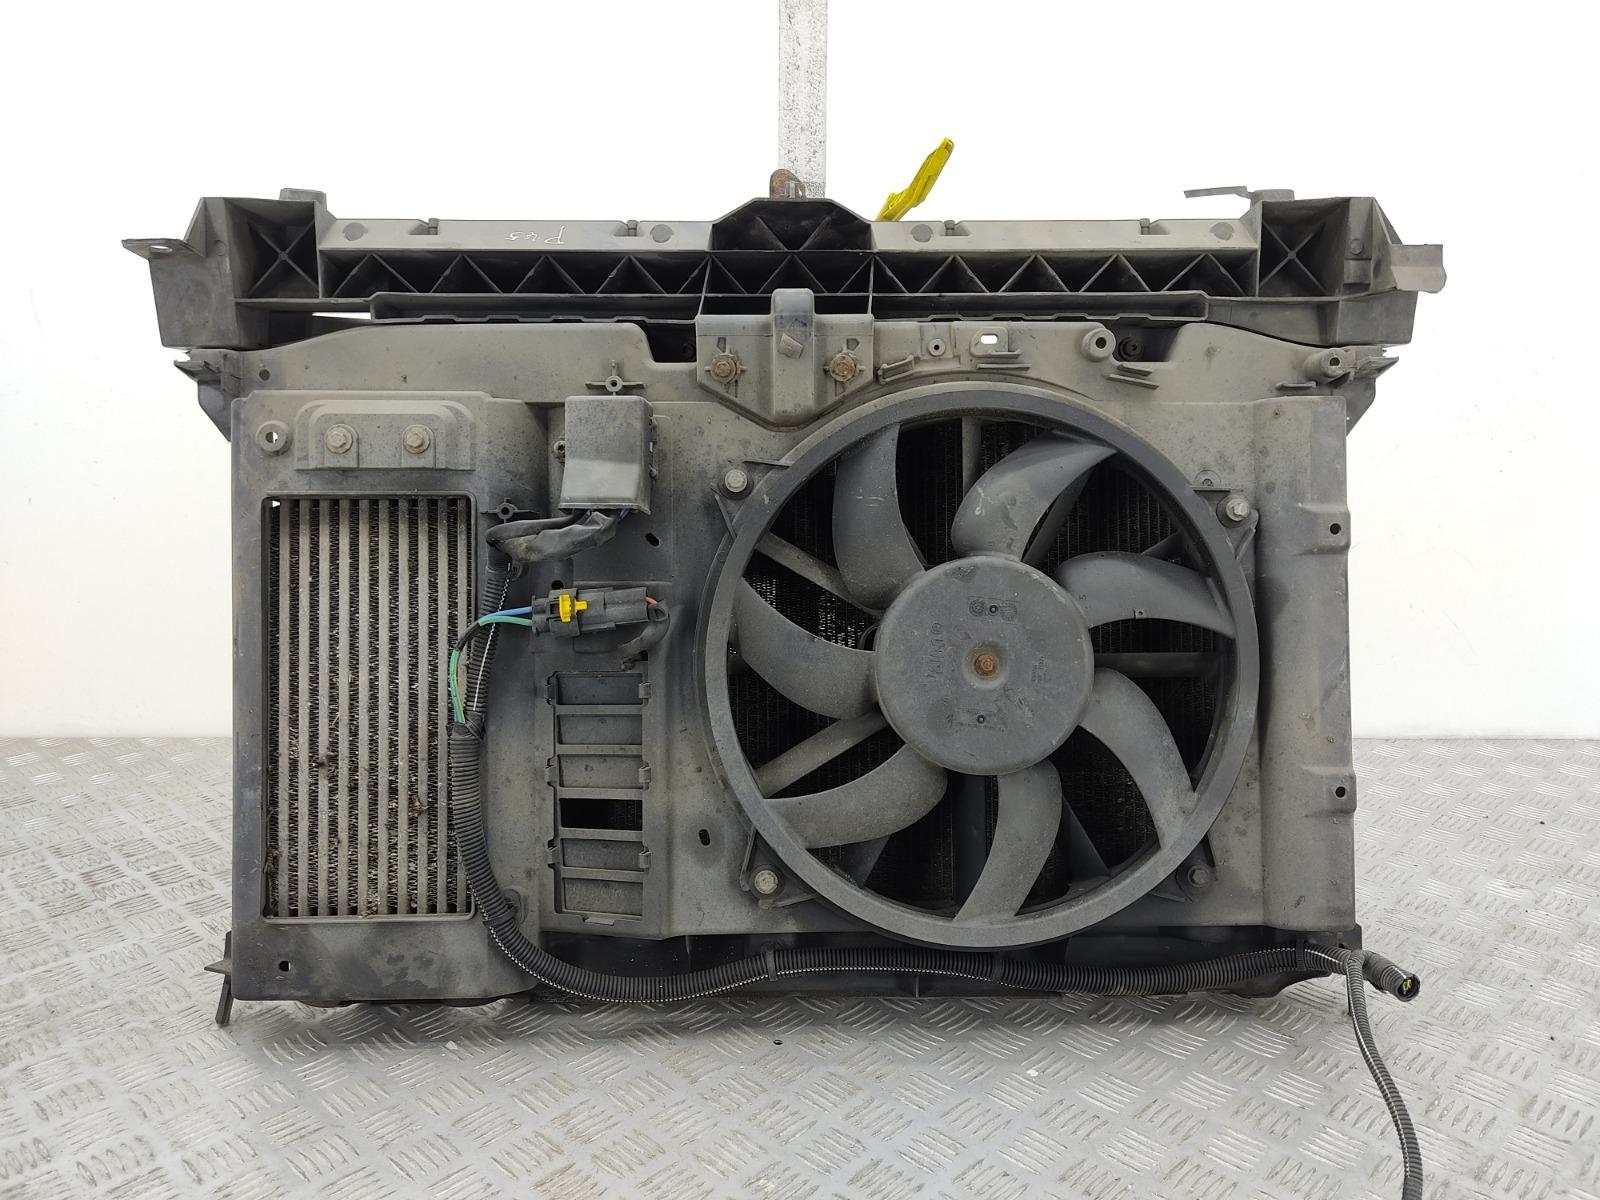 Кассета радиаторов Citroen Berlingo 1.6 HDI 2011 (б/у)